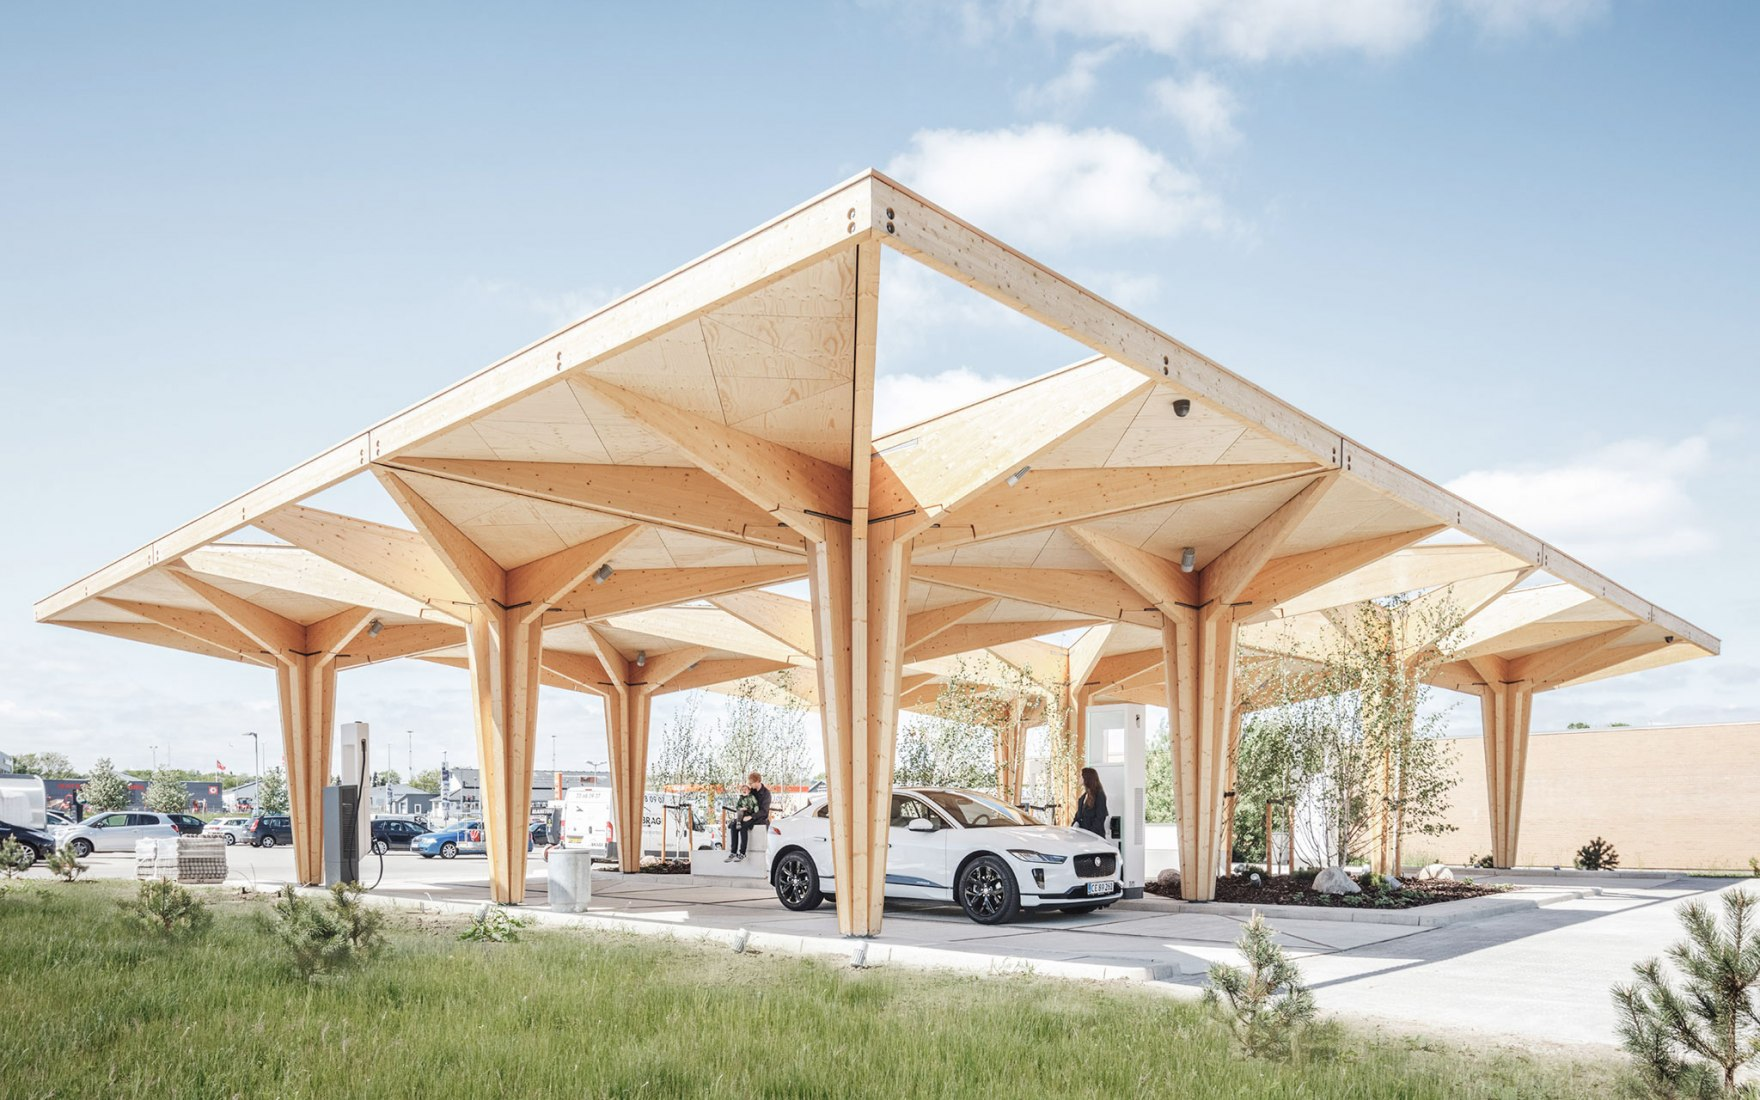 Estaciones de carga ultrarrápidas para coches eléctricos por Cobe. Fotografía por Rasmus Hjortshøj - COAST